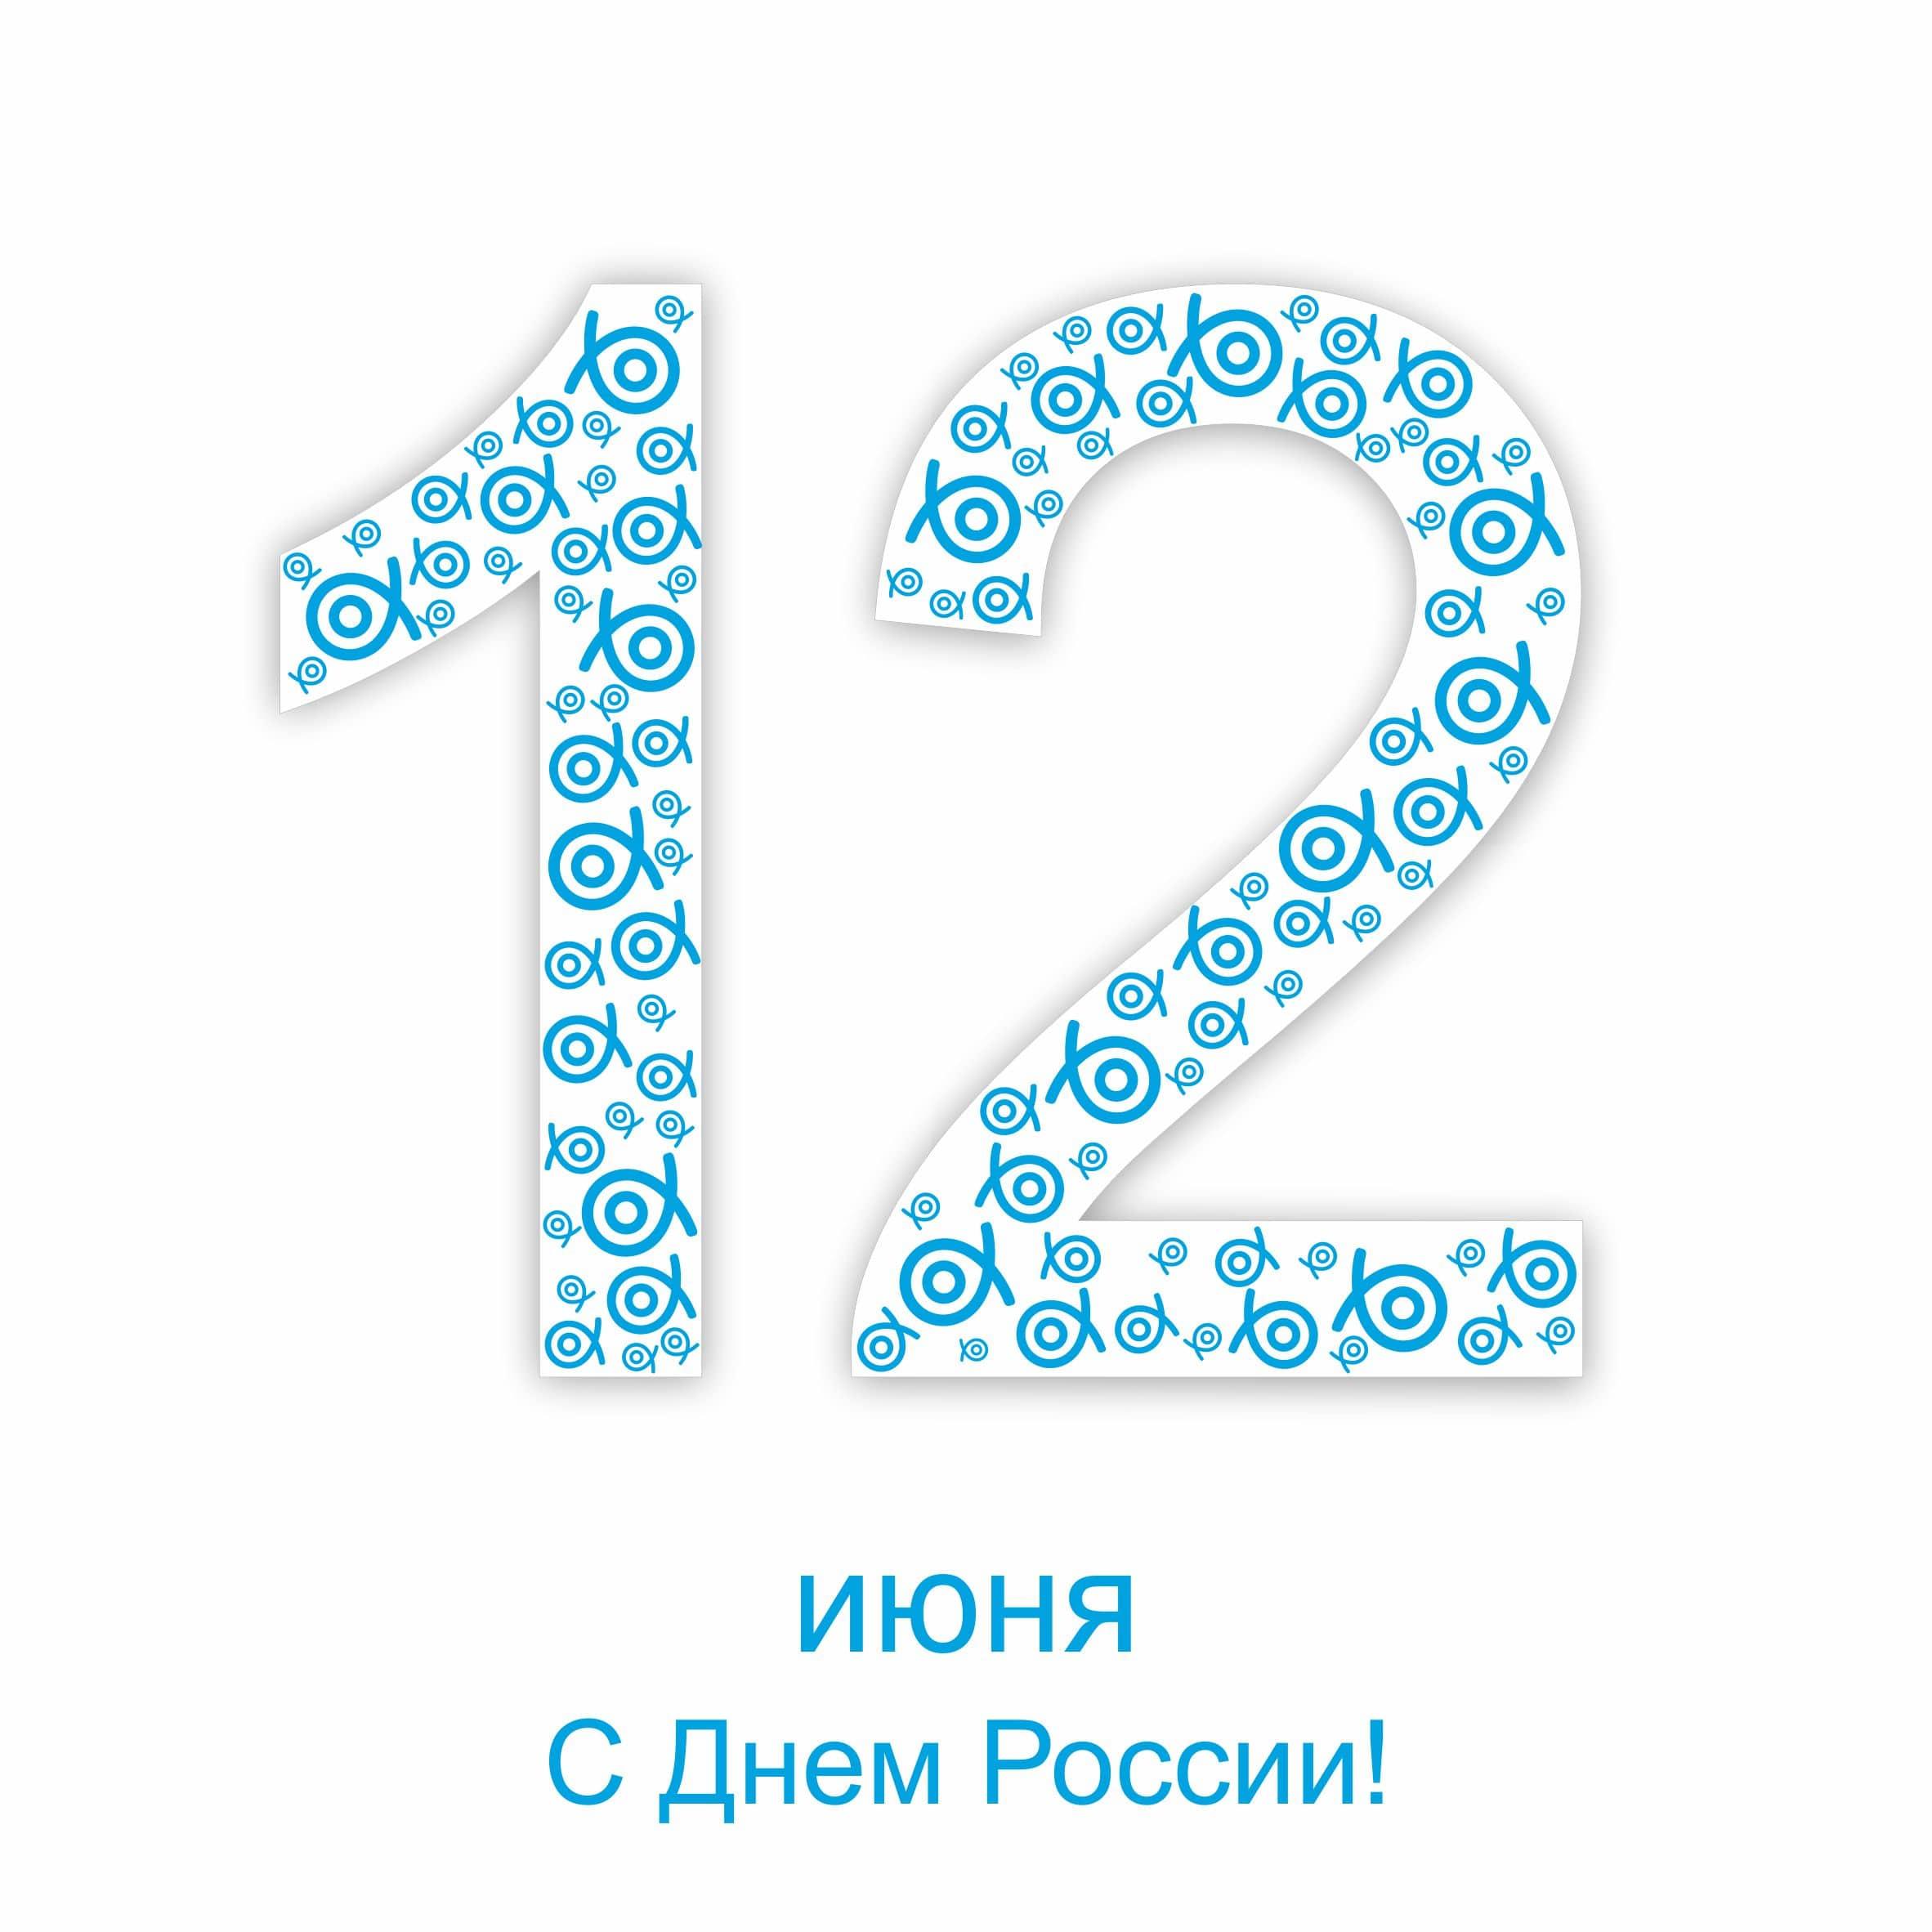 Компания Санилюкс поздравляет вас с Днем России!